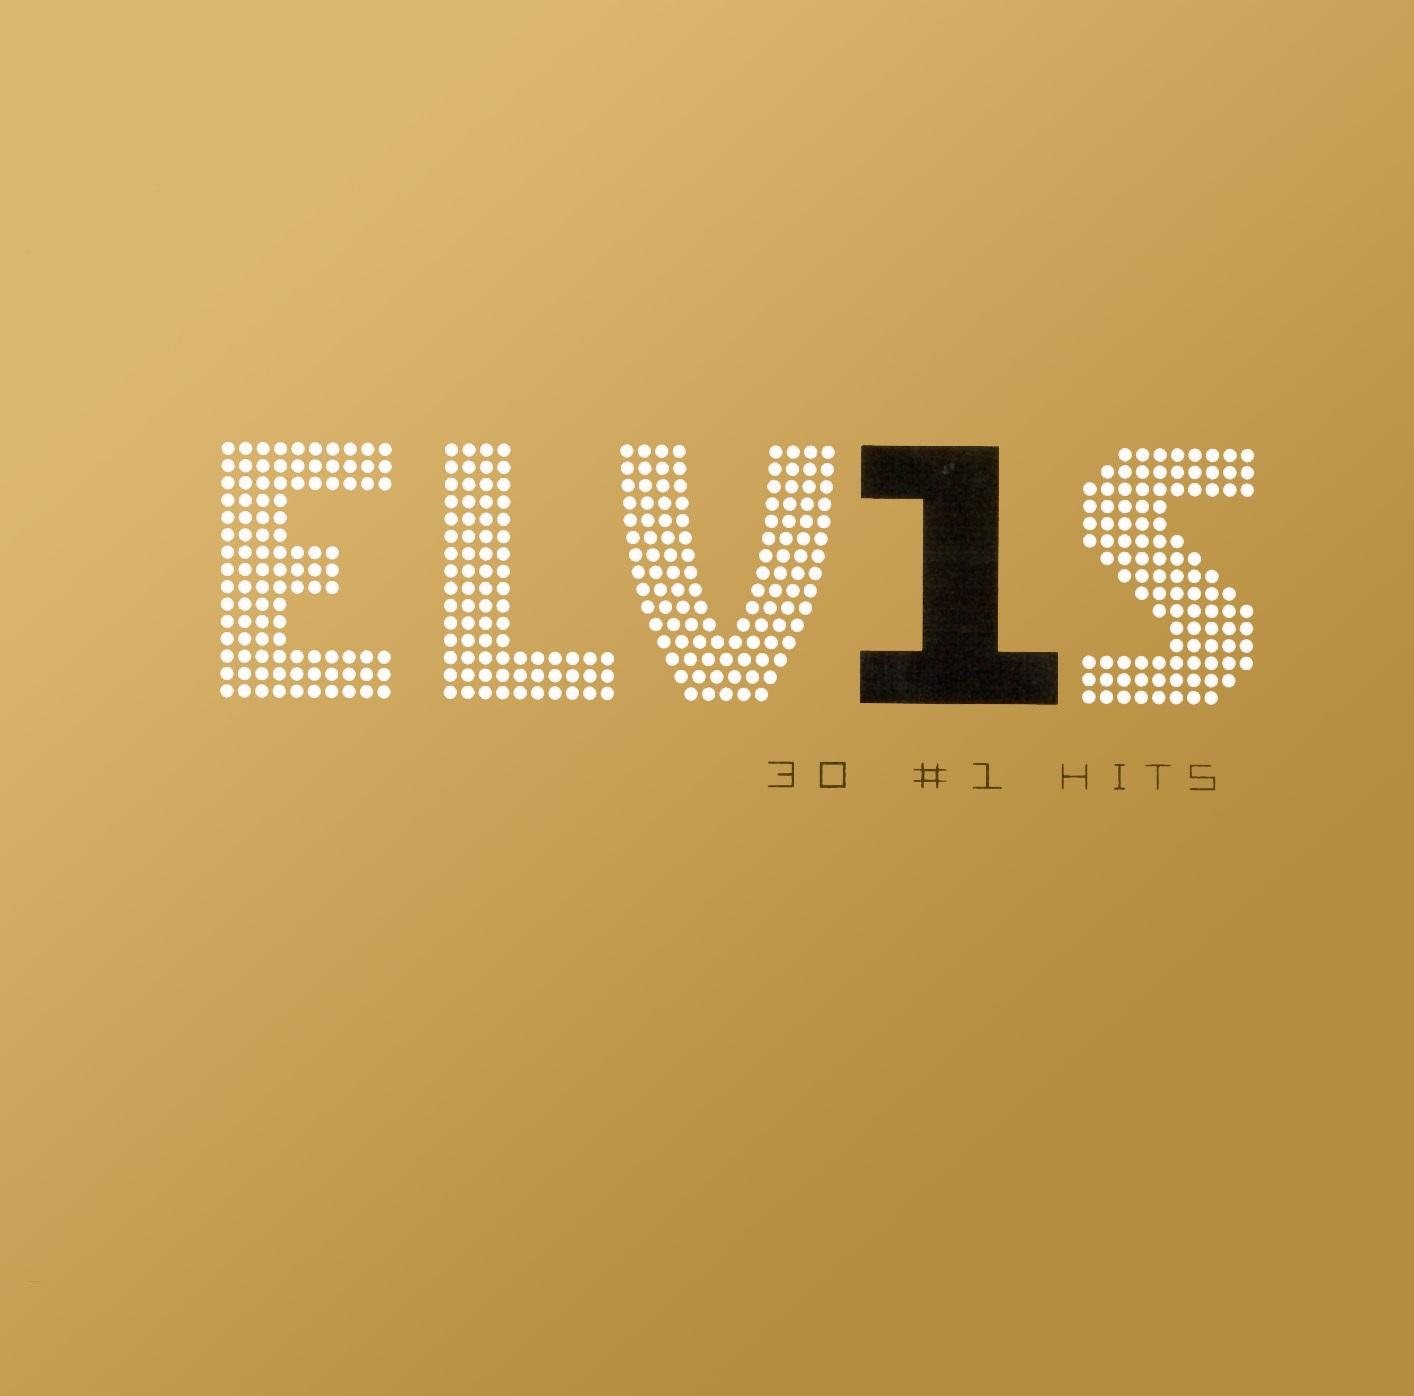 Elvis Presley: 30 #1 Hits (CD)Elvis Presley. 30 #1 Hits коллекция лучших синглов. Сборник вышел в рамках промоушн-кампании, призванной возобновить внимание ко всему, что сделал Элвис Пресли .<br>